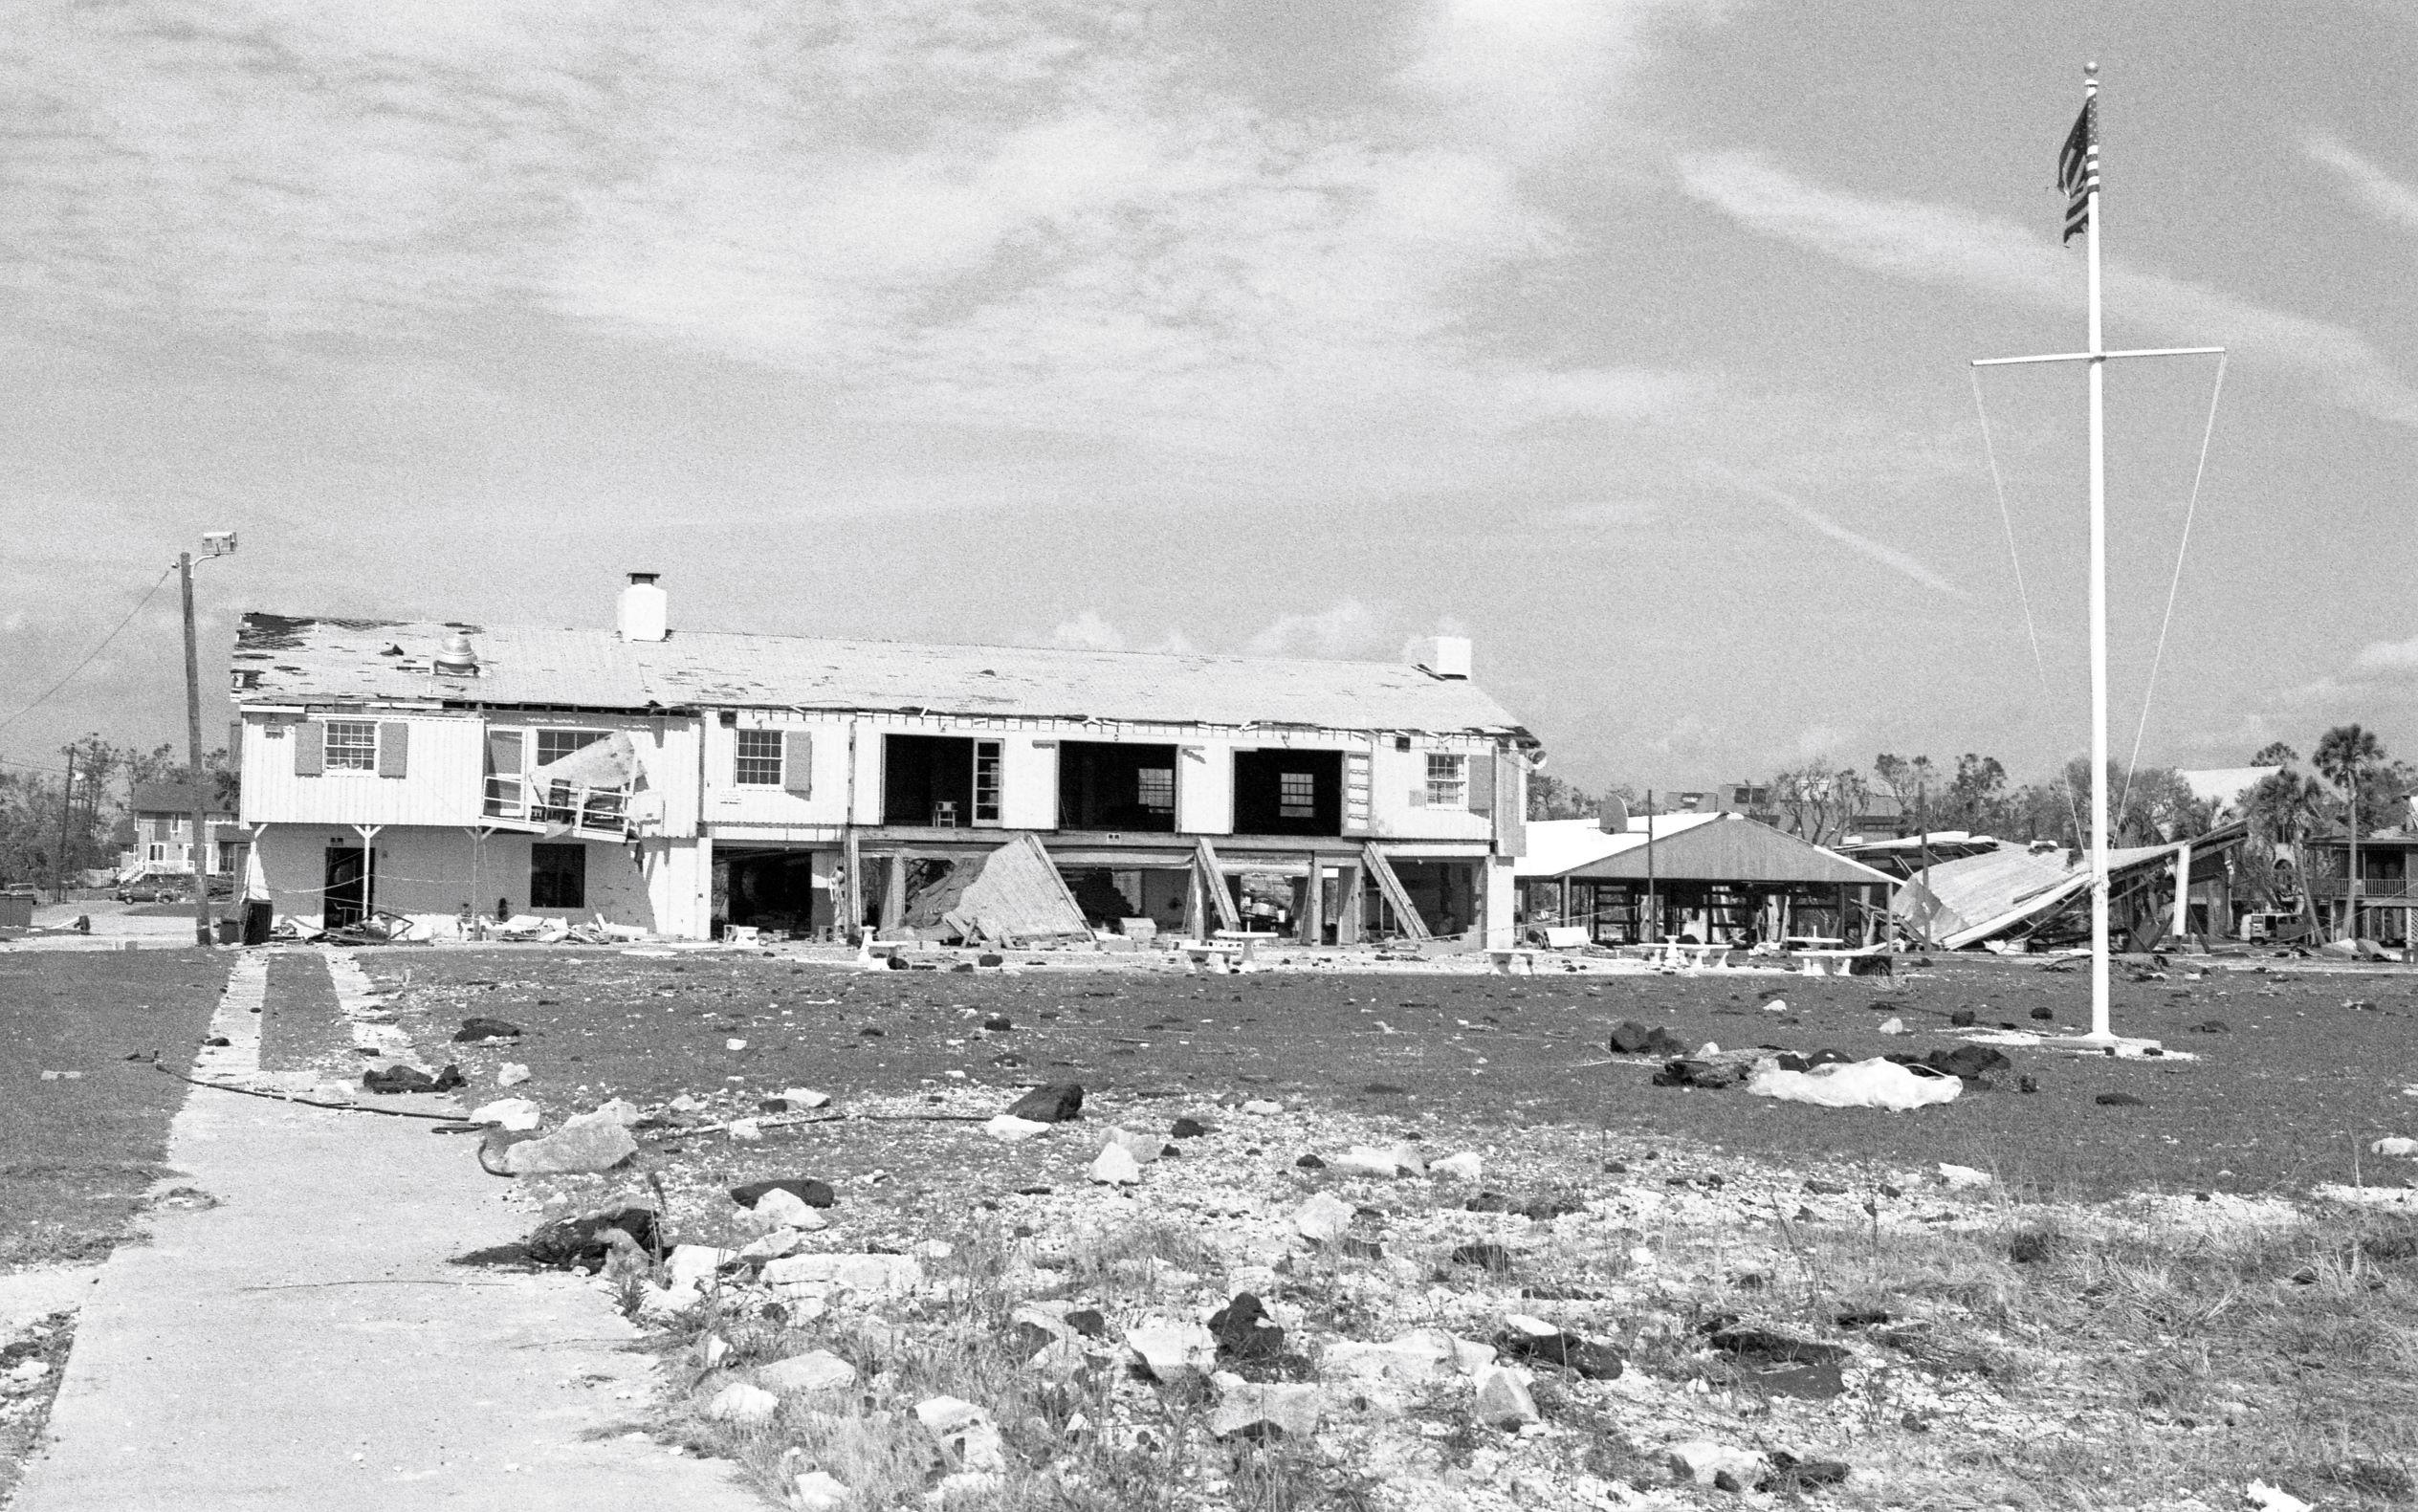 The Citadel Beach House